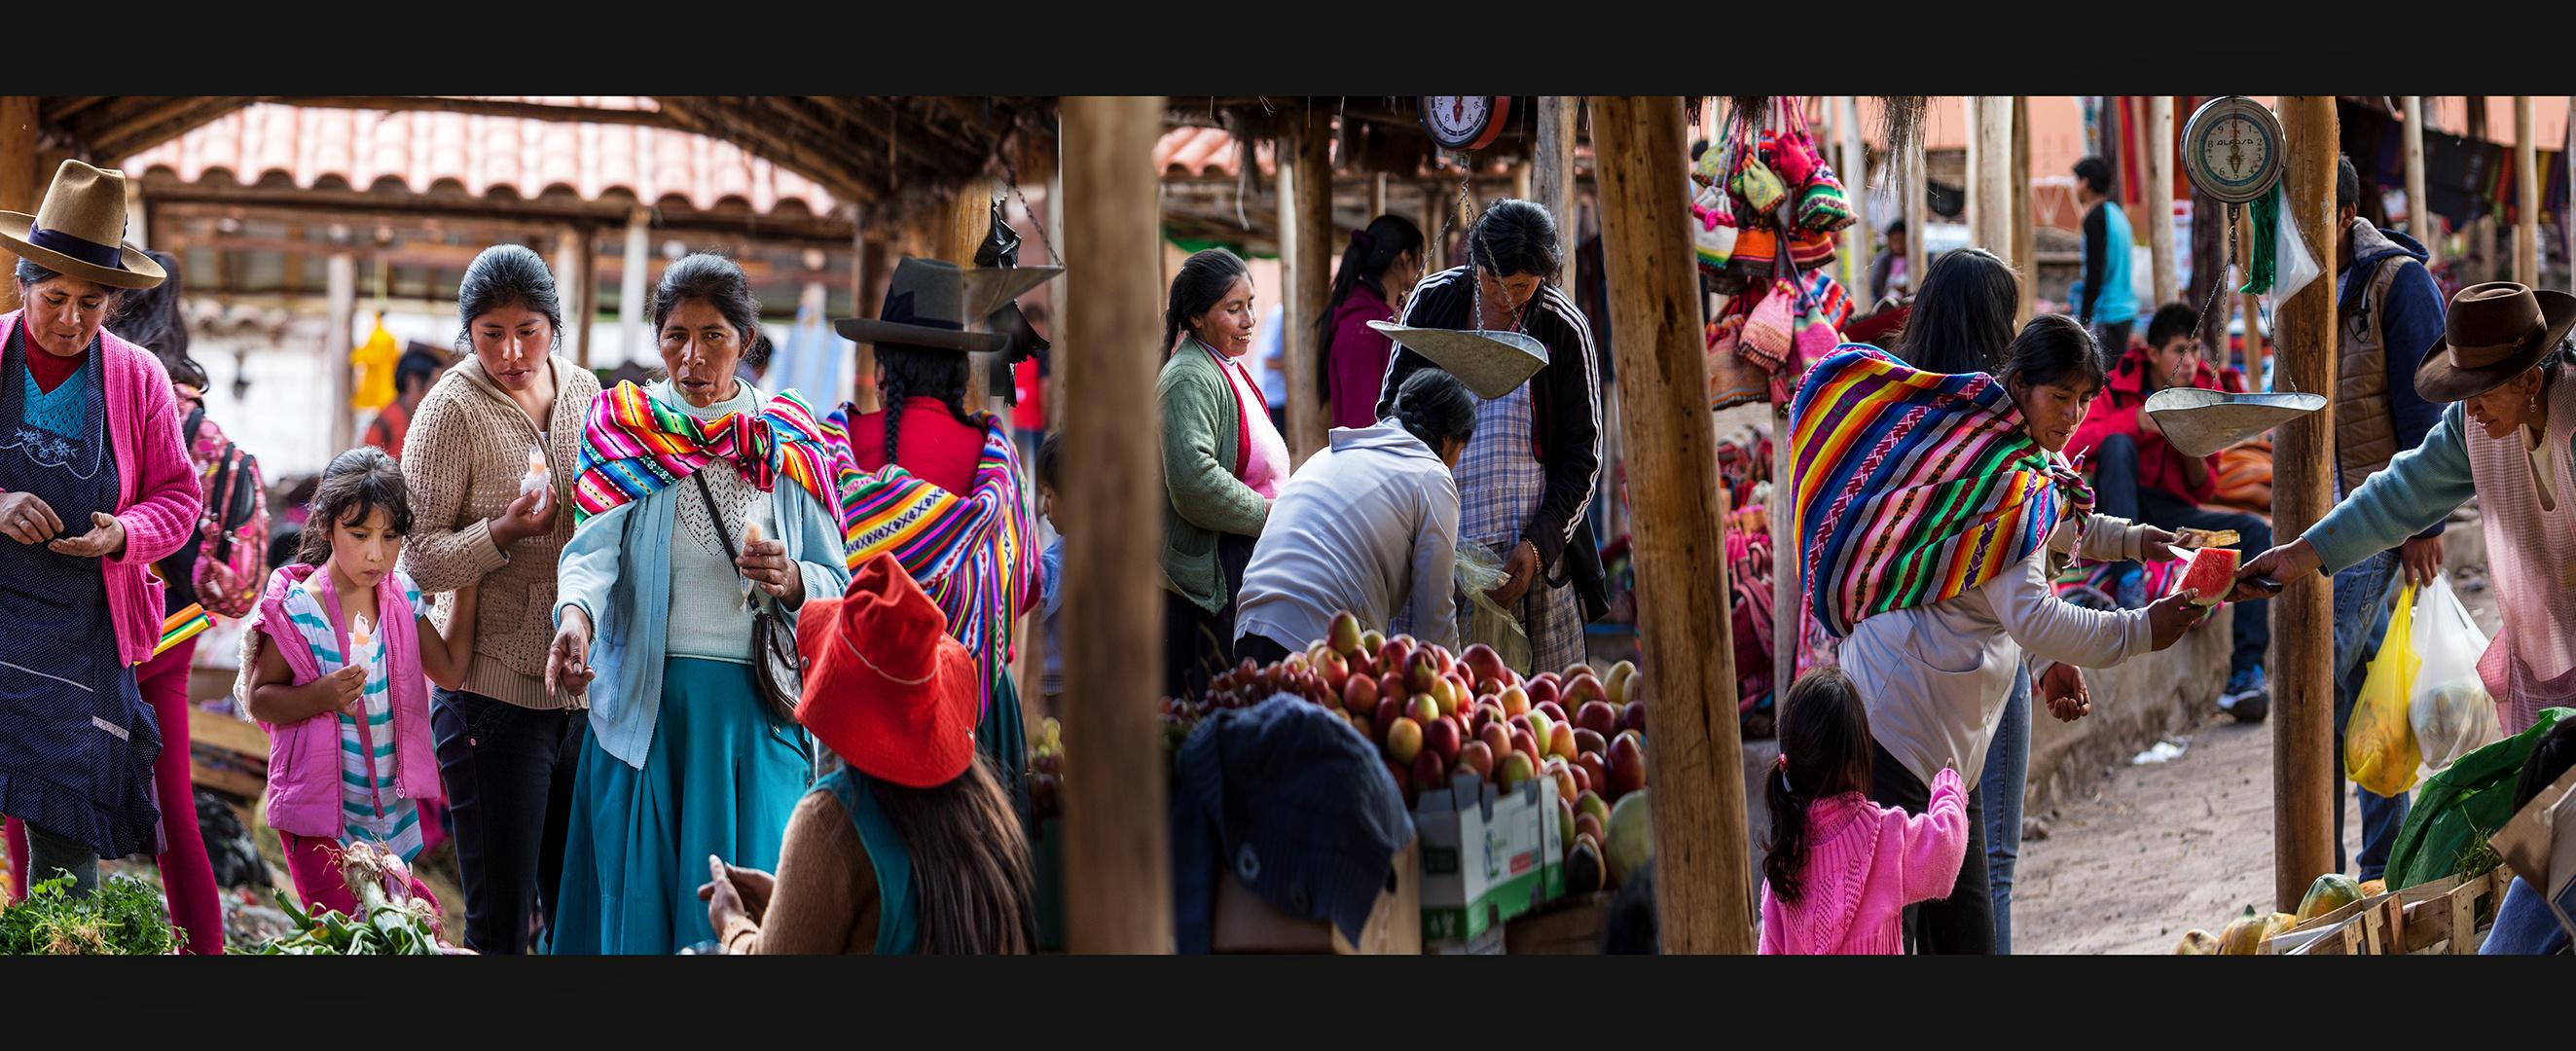 Mercado en los andes peruanos